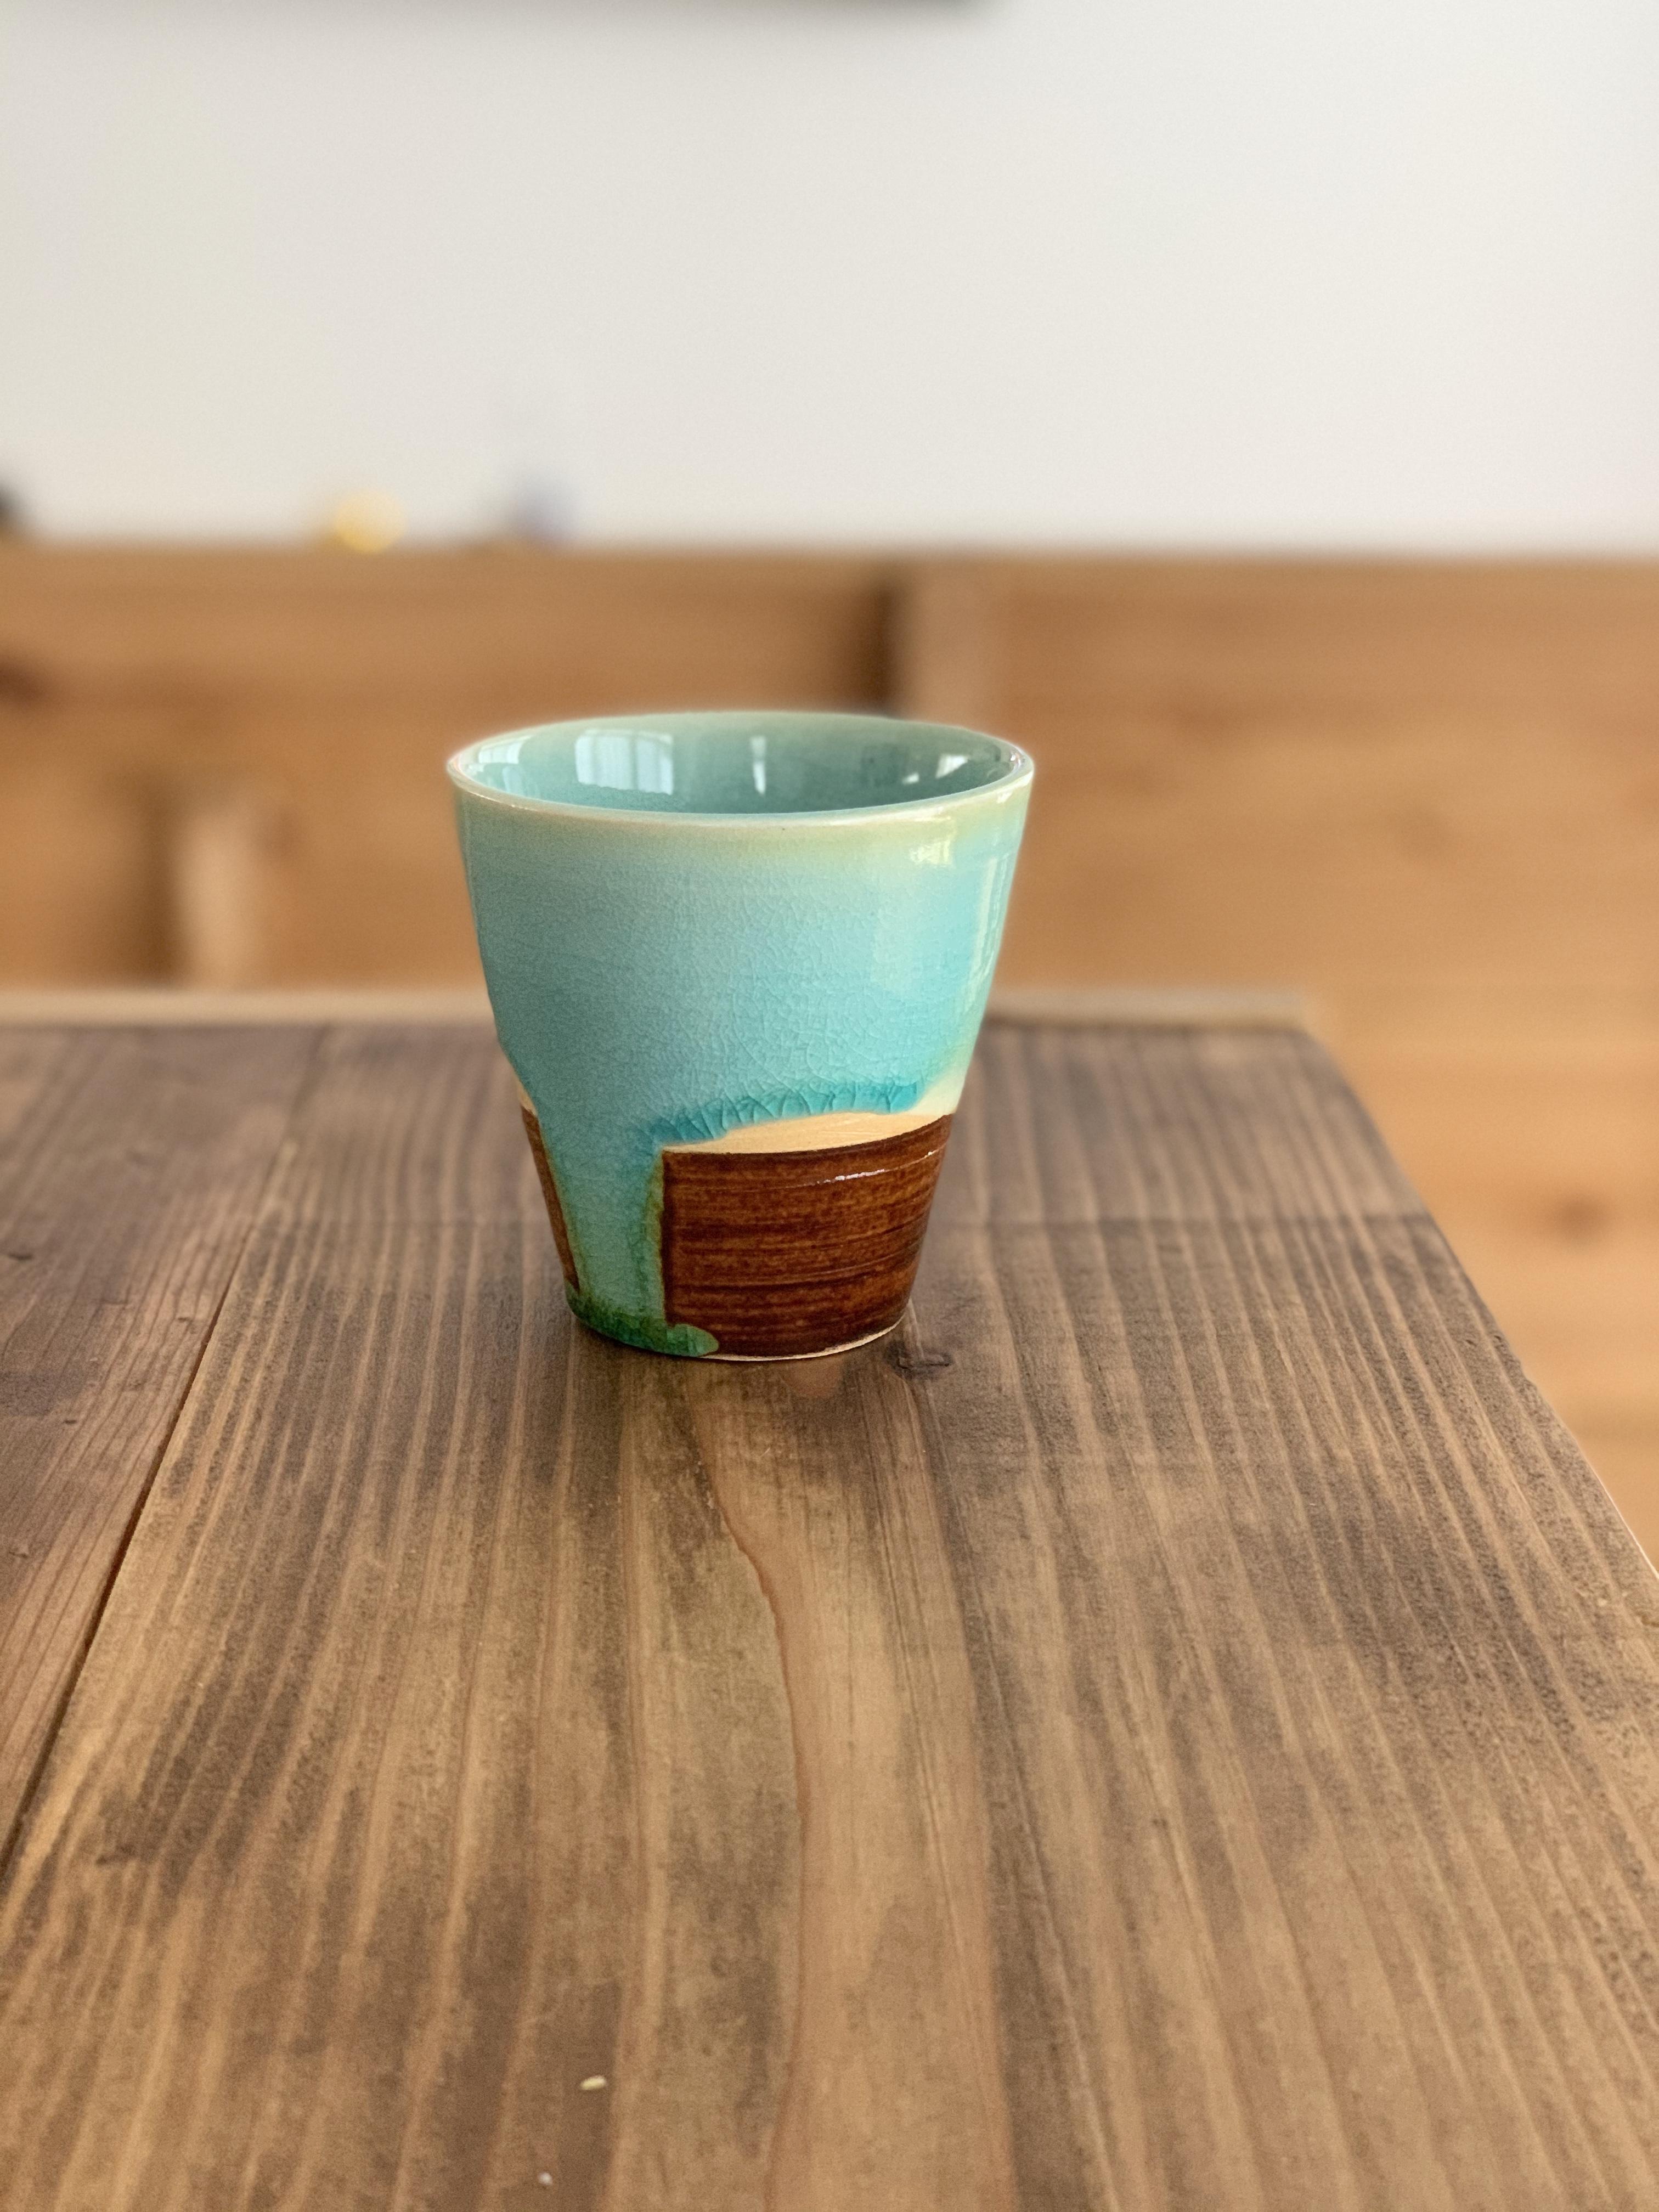 『Al mare アルマーレ』43 Pottery フリーカップ ショート